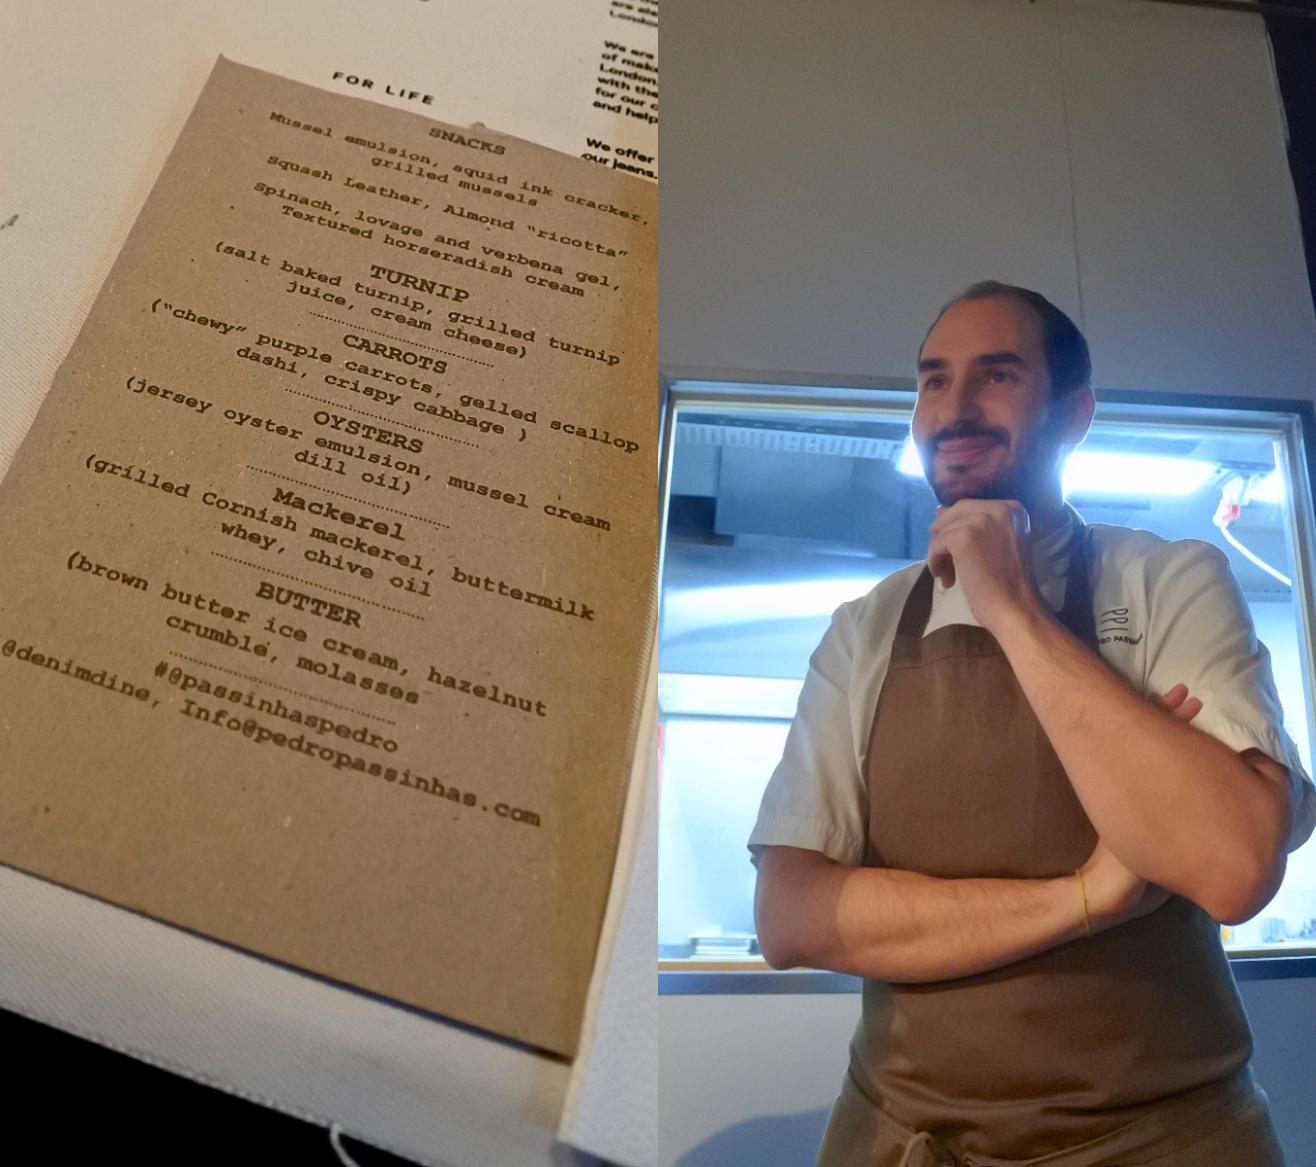 シェフのペドロさん!  すごくクリエイティブな方。料理もすごい。ただし日本人には少し塩がきつめかもしれないので、もしも彼にコンタクトして料理を作ってもらうなら、「塩控え目で」とお願いしてみるといいかも ^^